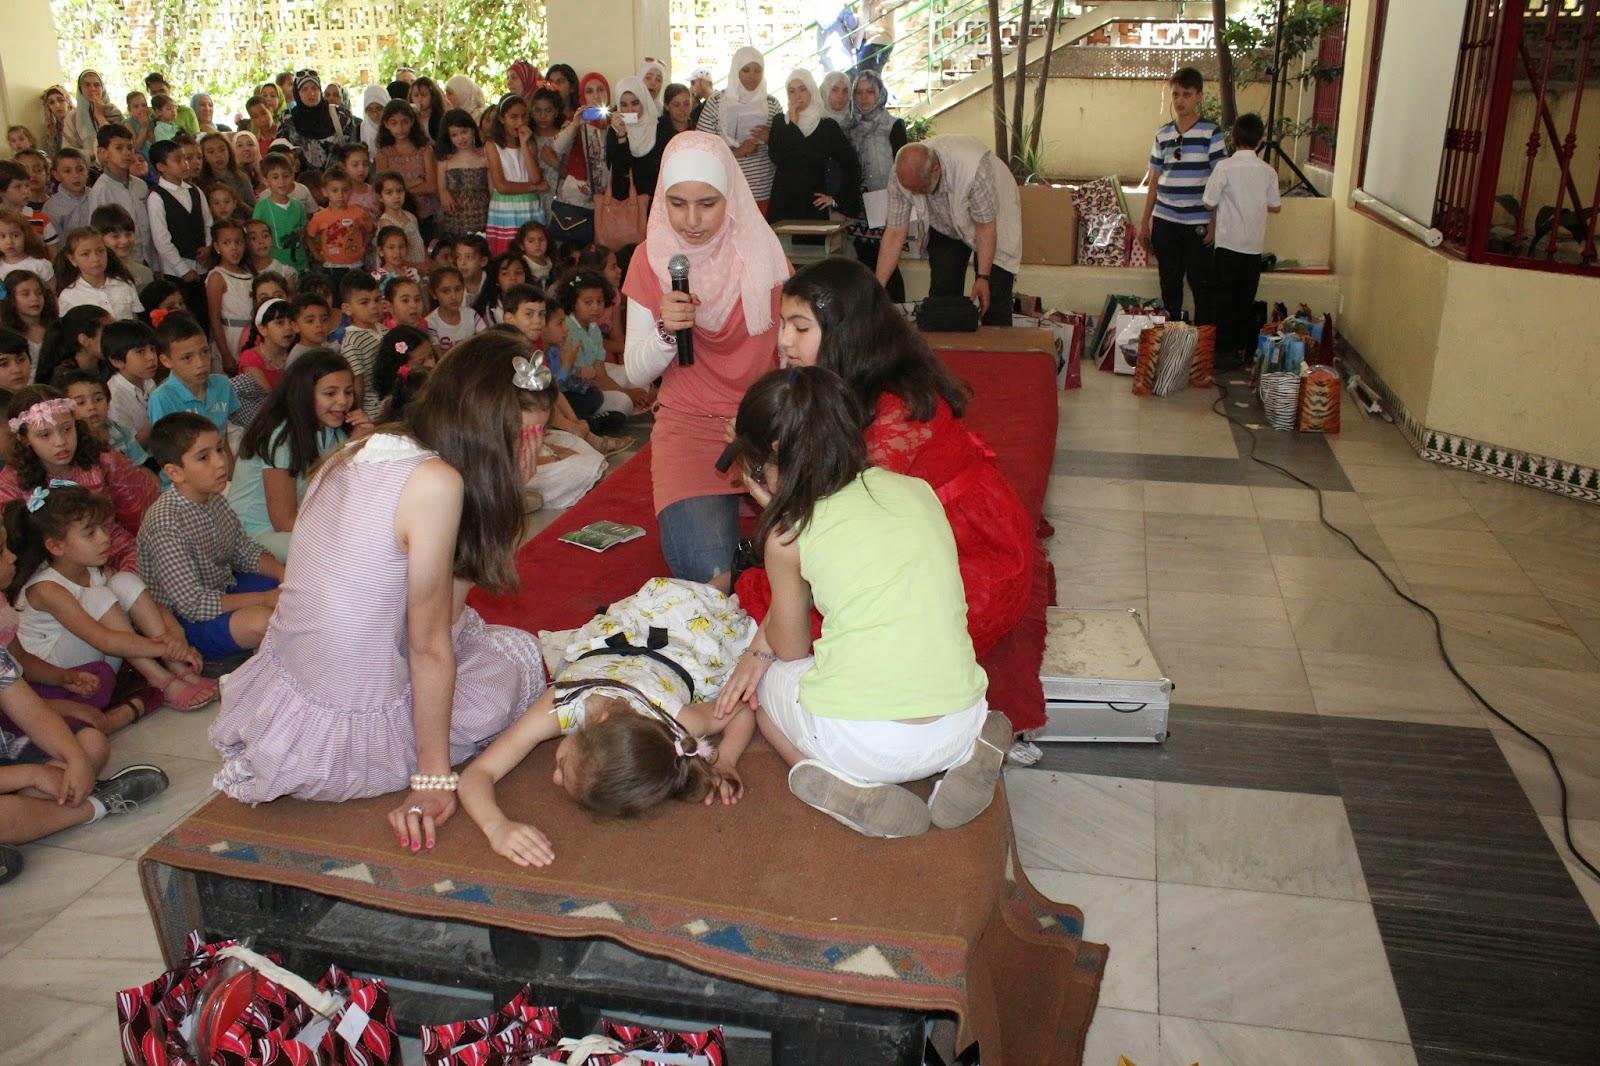 Los Alumnos Presentaron Actos De Teatro Asi Como Lectura De Lo Que Han Aprendido Durante El Curso Tanto El Director De La Escuela Muhammad Hatem Como El